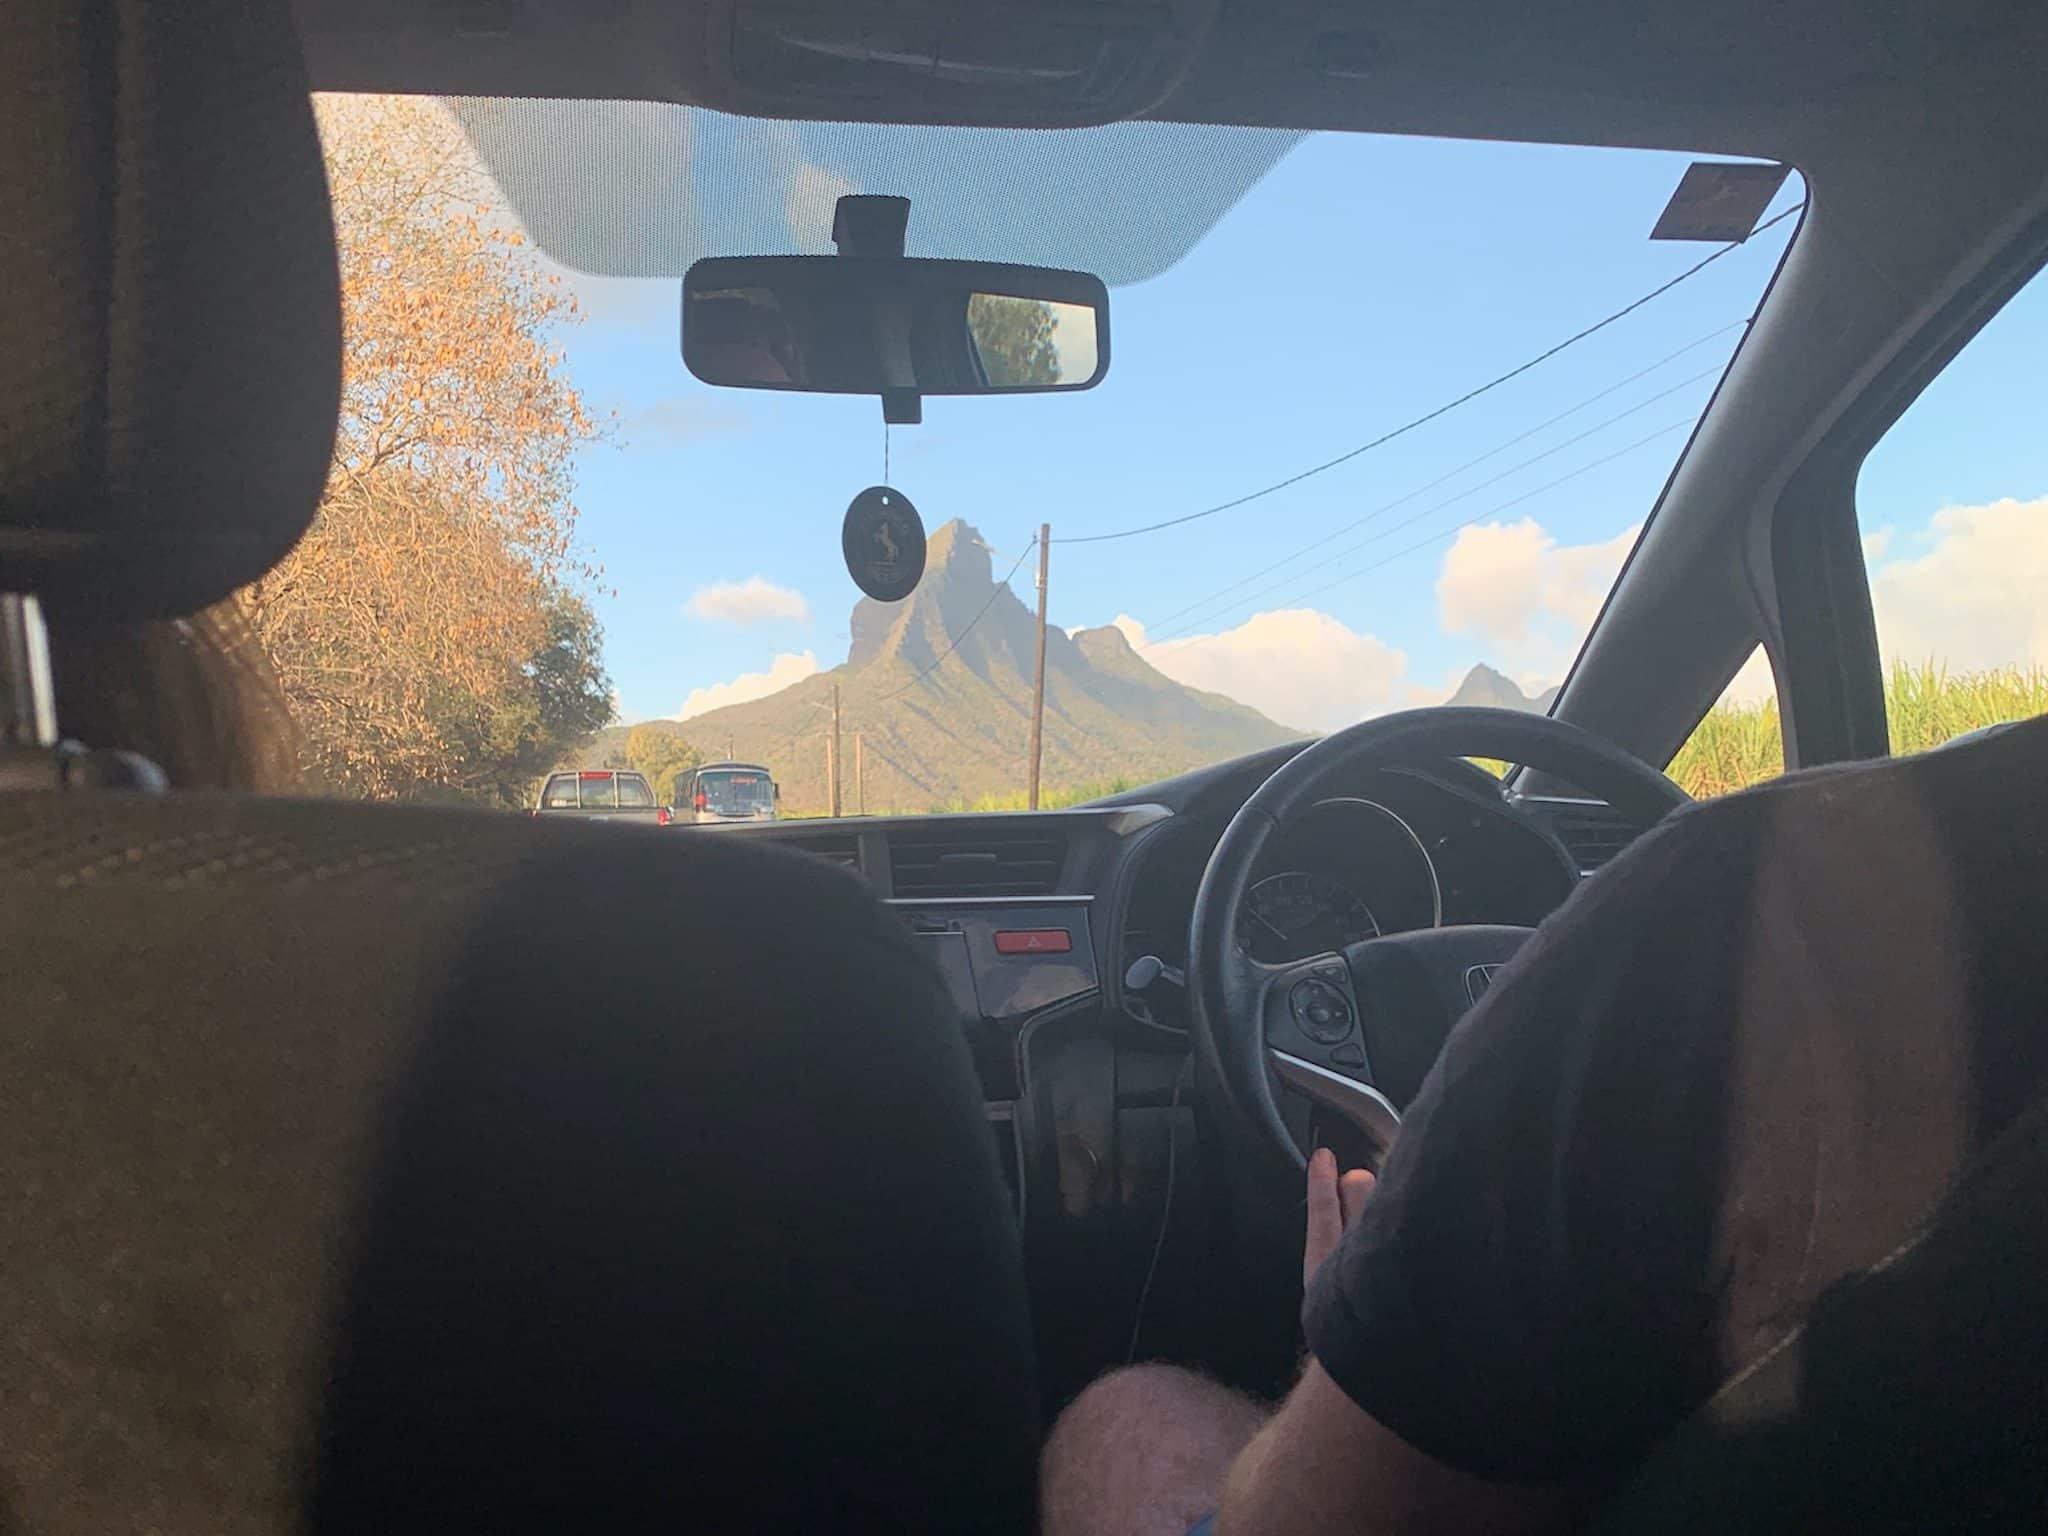 Auf Mauritius ist Linksverkehr – der Fahrer sitzt im Auto rechts.